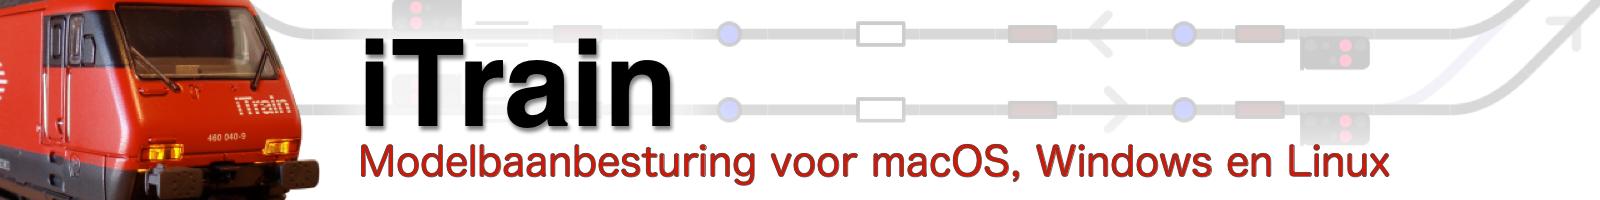 aansluiting Java te downloaden